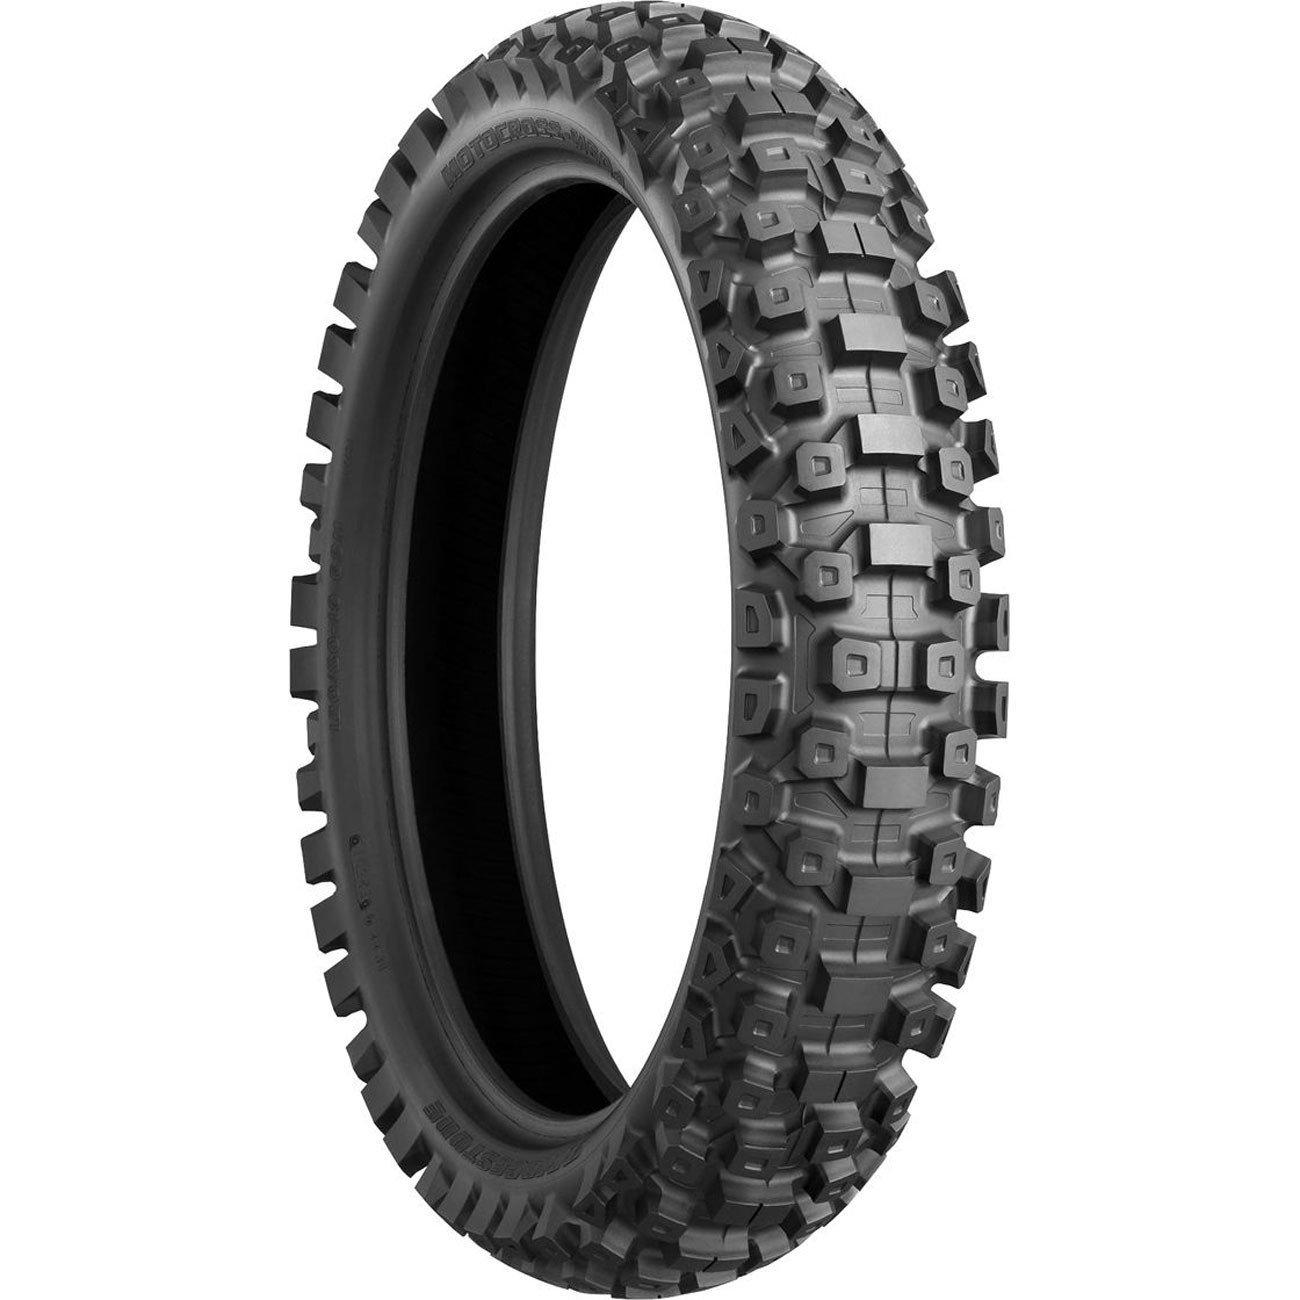 Bridgestone 110/100-18 M604 Hard Terrain Rear